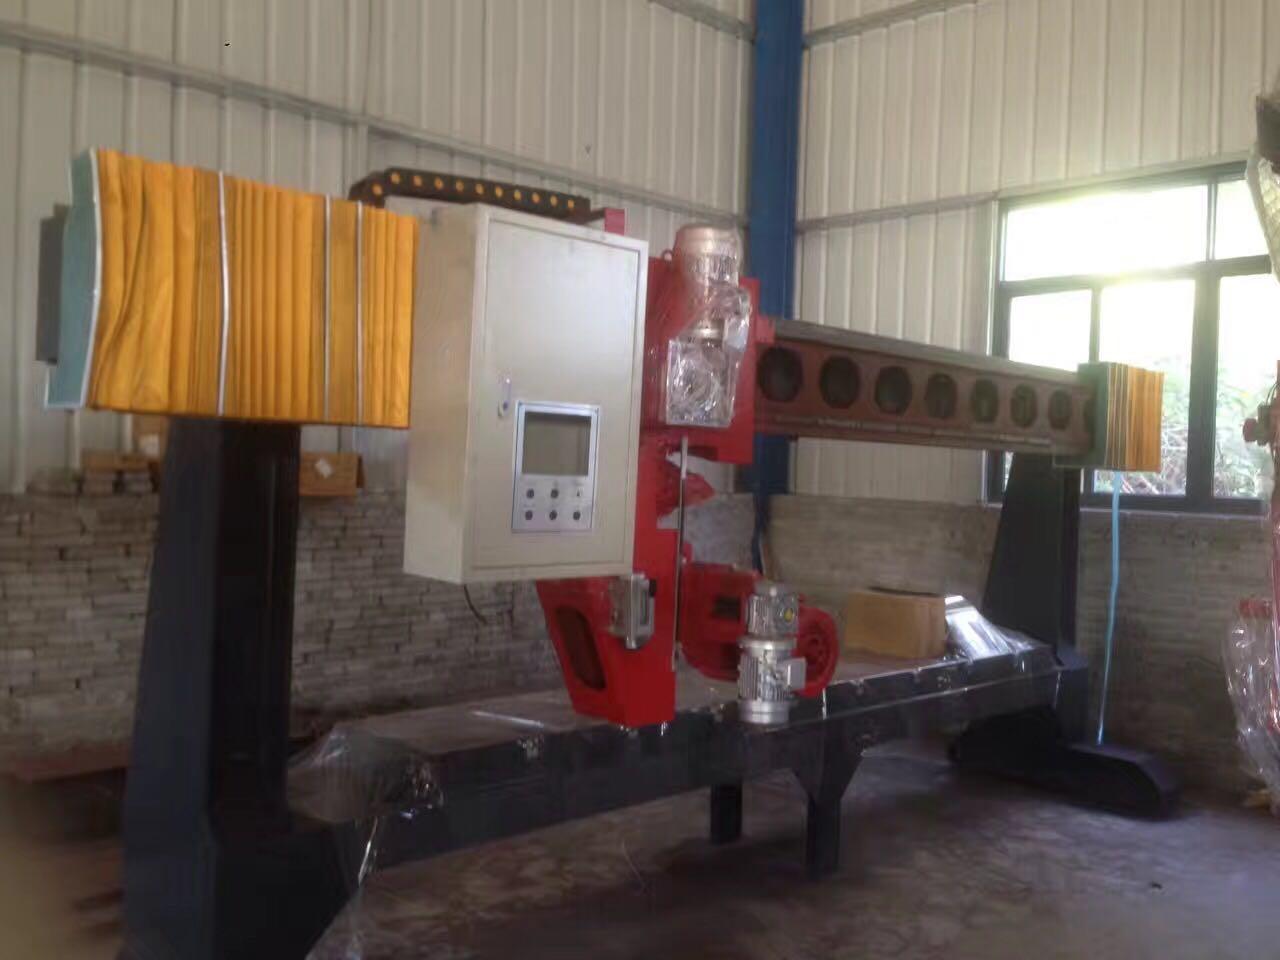 磨边机供应商供应磨边机厂家仿型机石材切割切割机沈阳磨边机